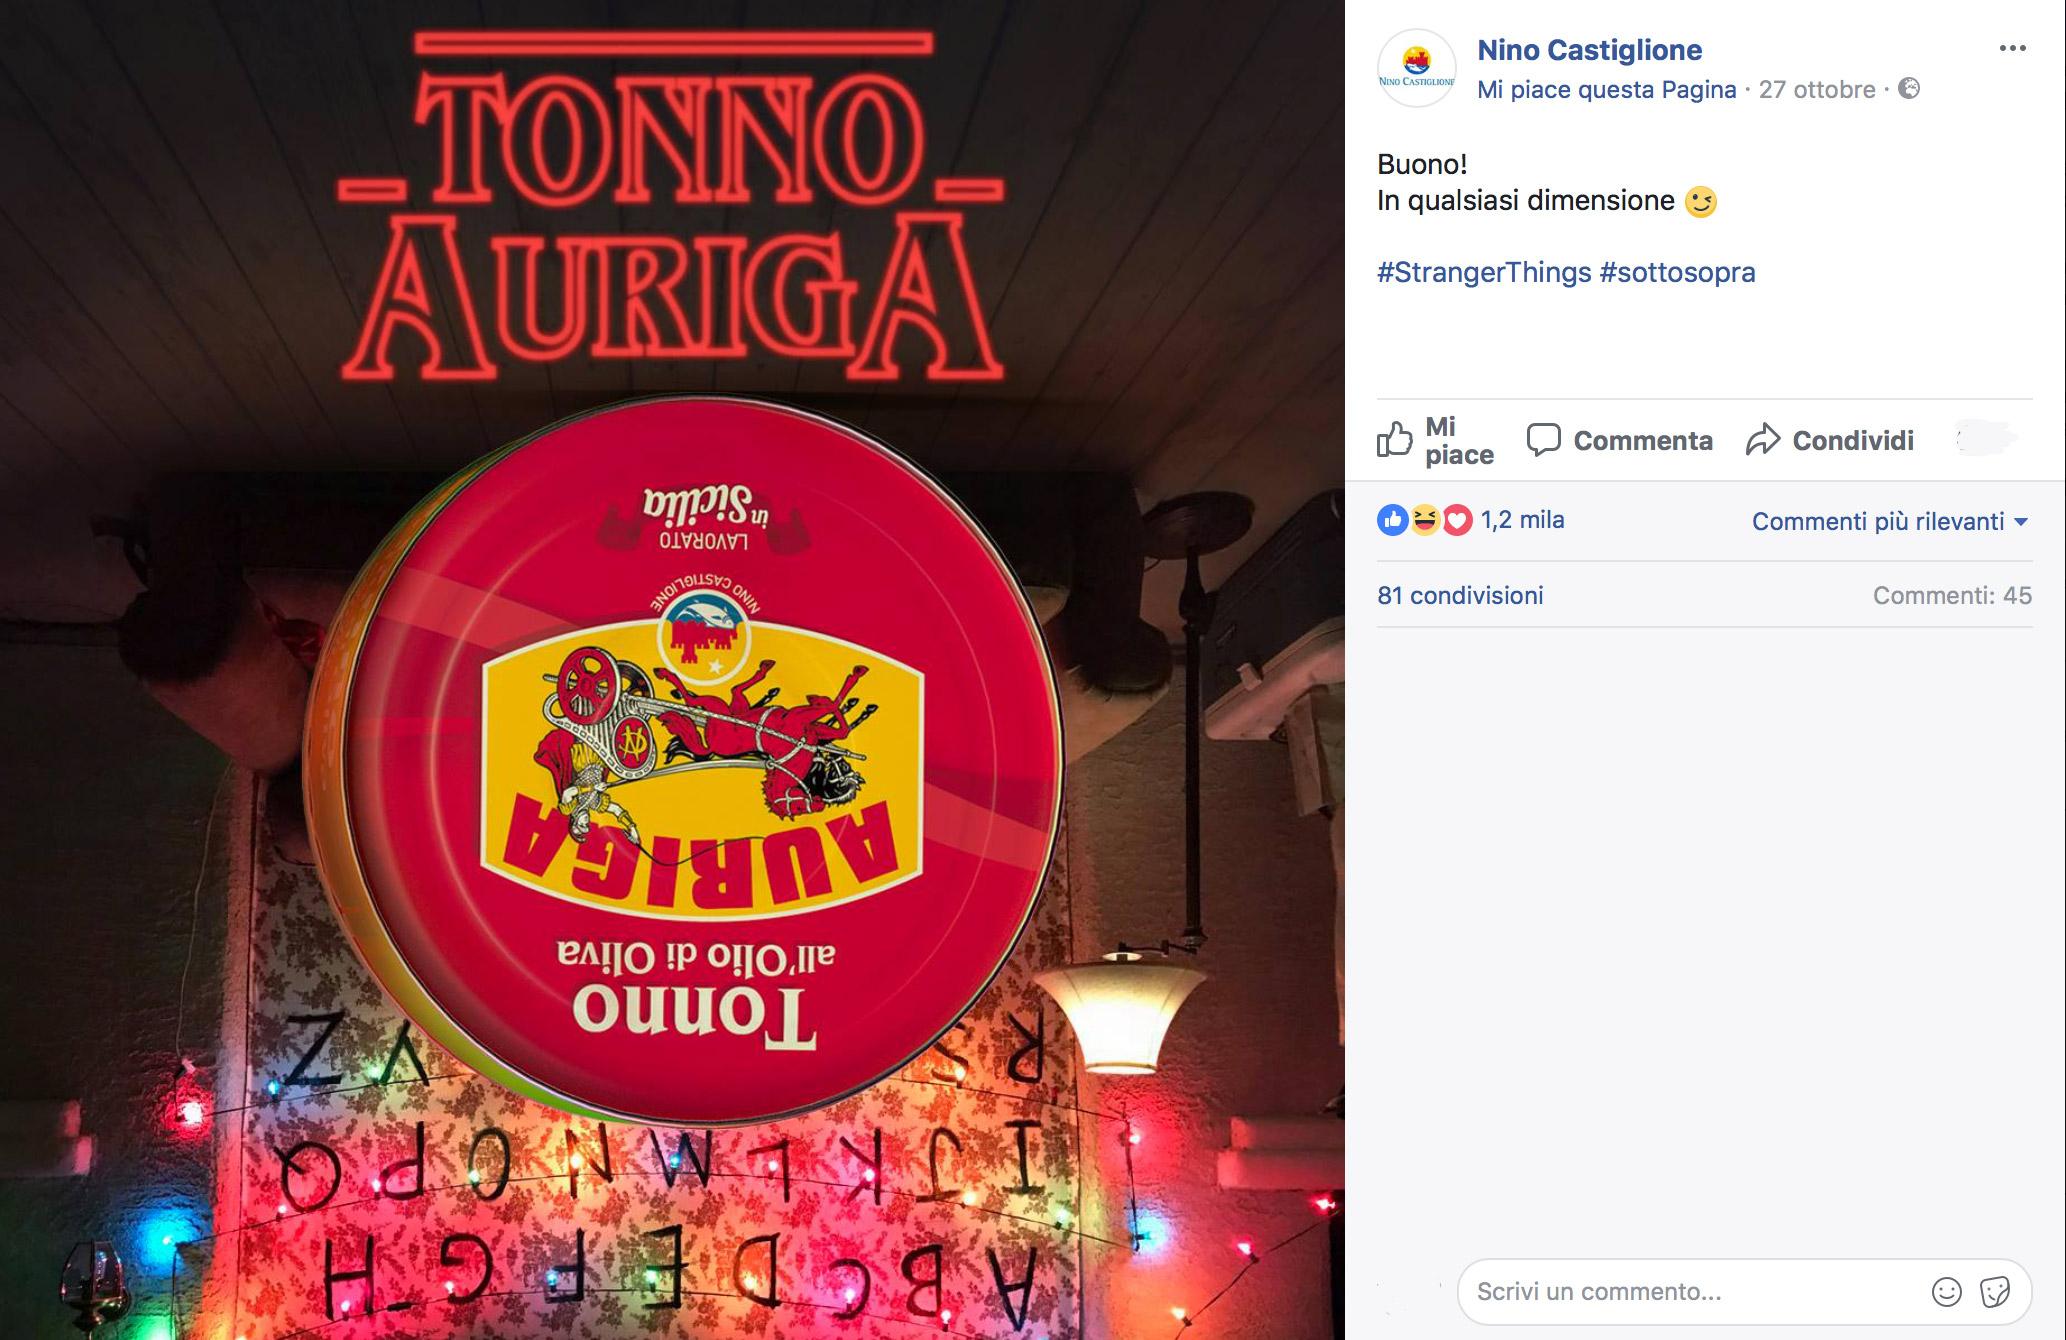 social network - Nino Castiglione - Tonno Auriga